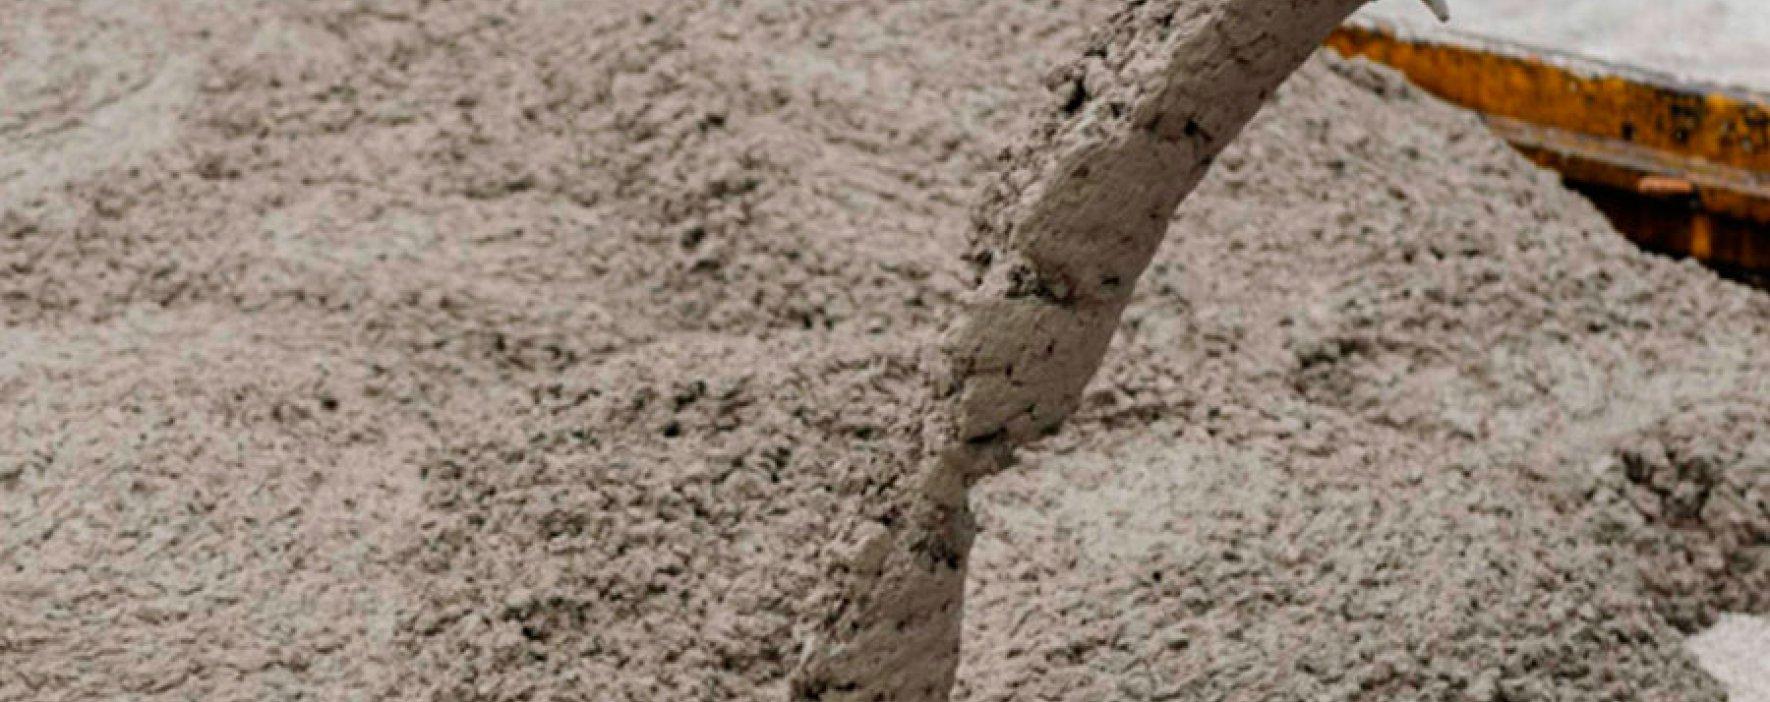 Nueva clase de cemento: sustentable a partir de residuos industriales